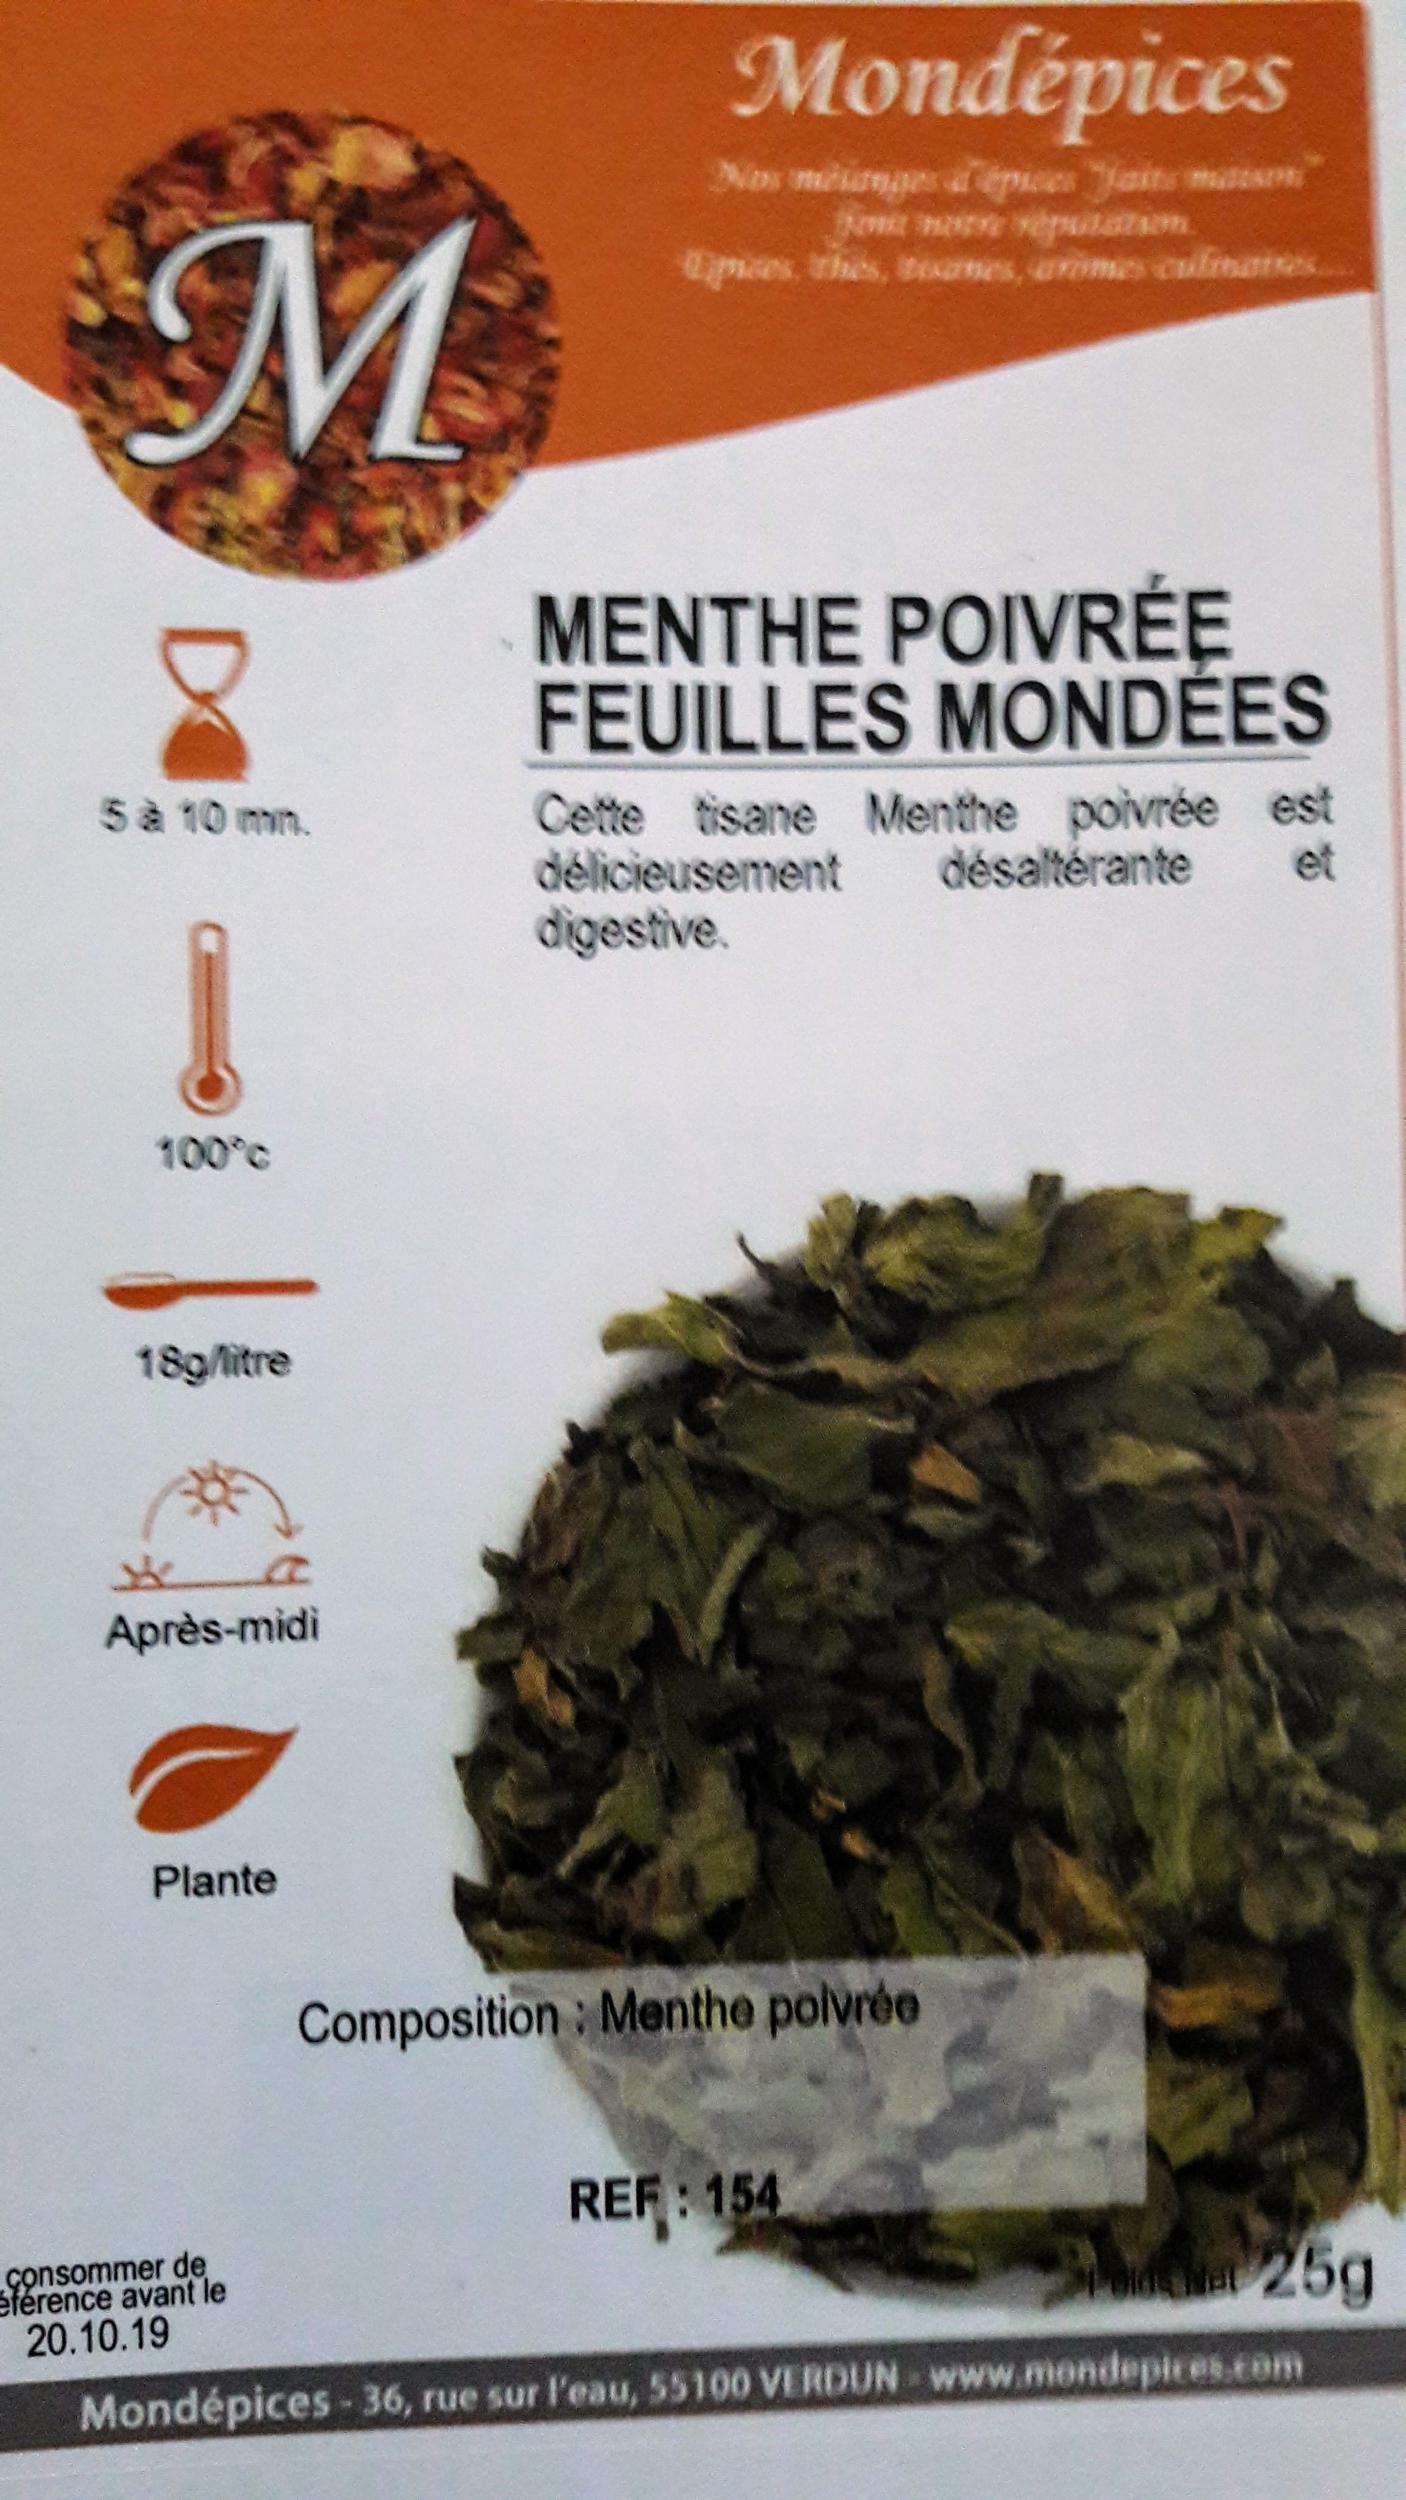 MENTHE POIVREE FEUILLES MONDEES 25 g